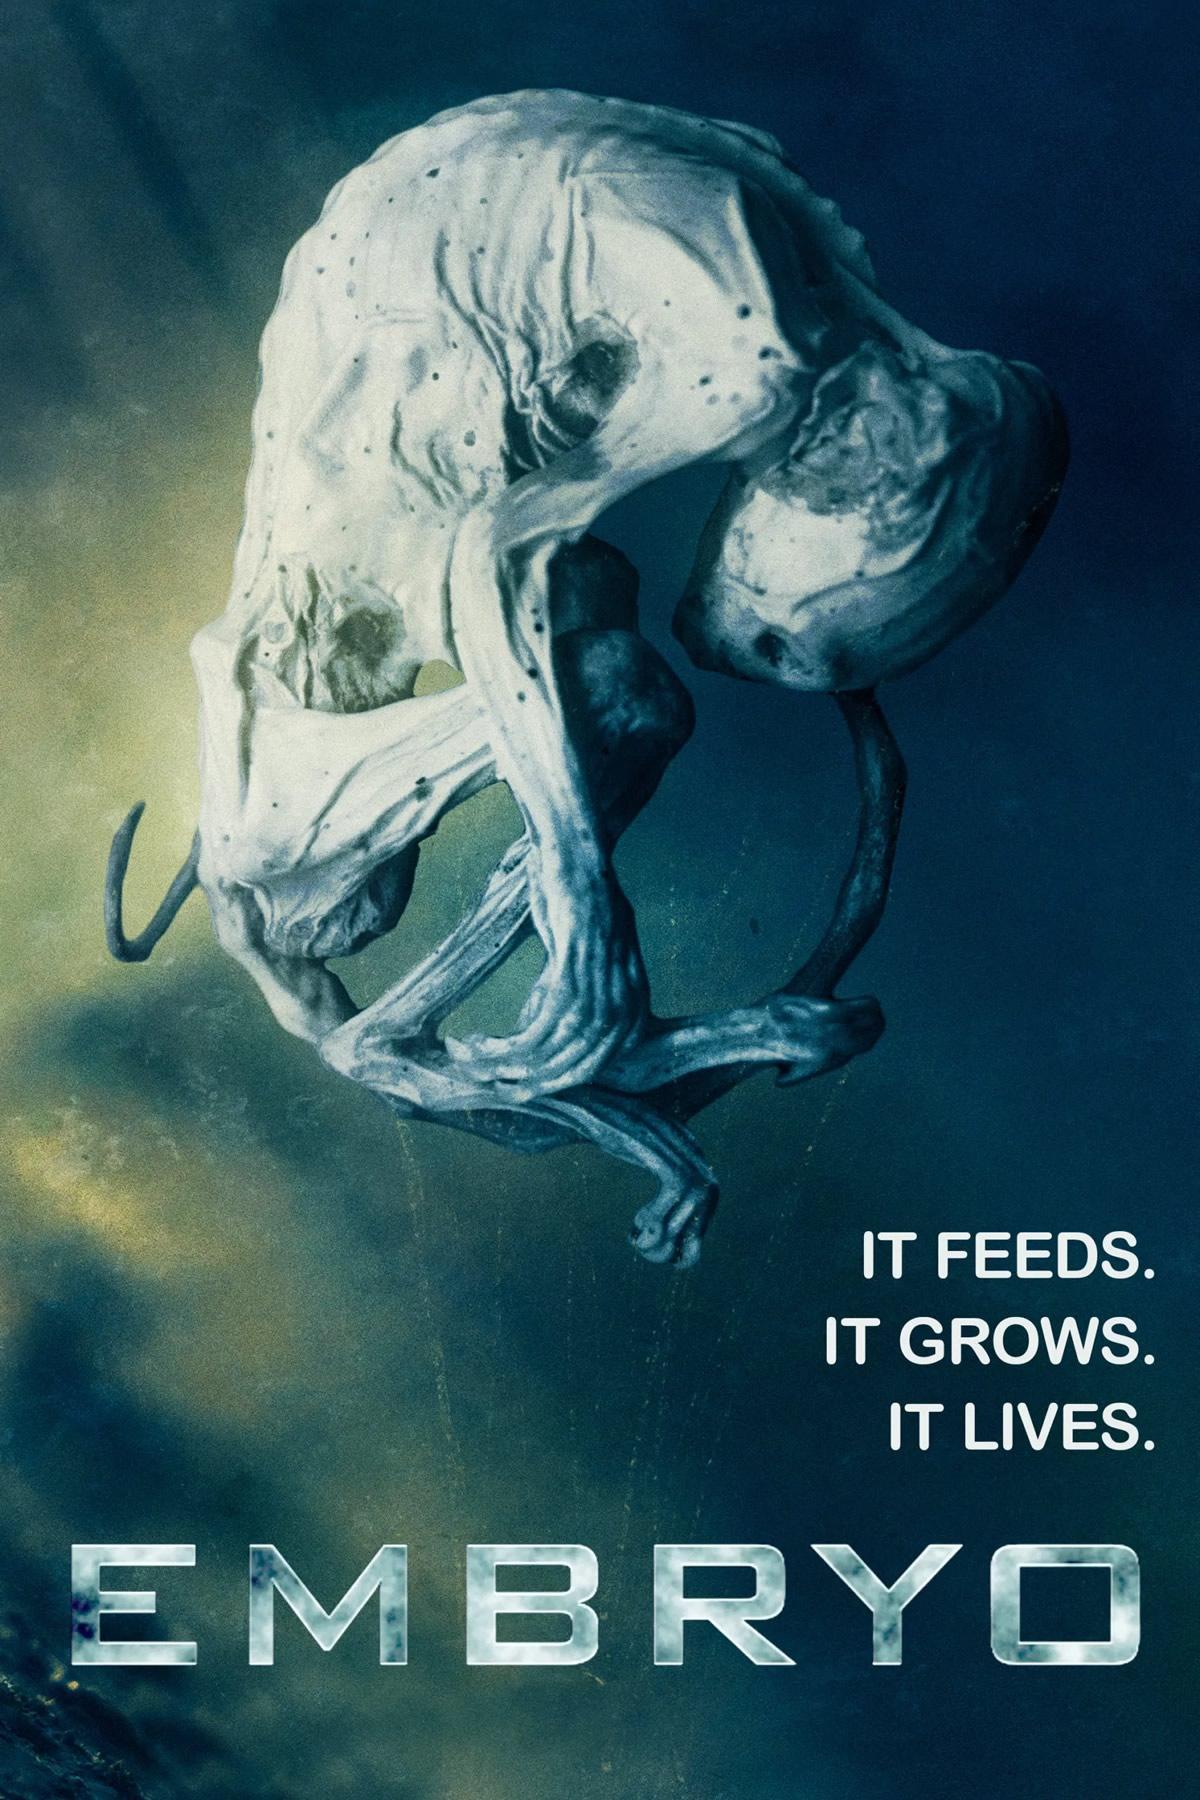 embryo um embriao alienigena transforma um pesadelo de terror corporal - Embryo | Um embrião alienígena se transforma em um pesadelo de terror corporal